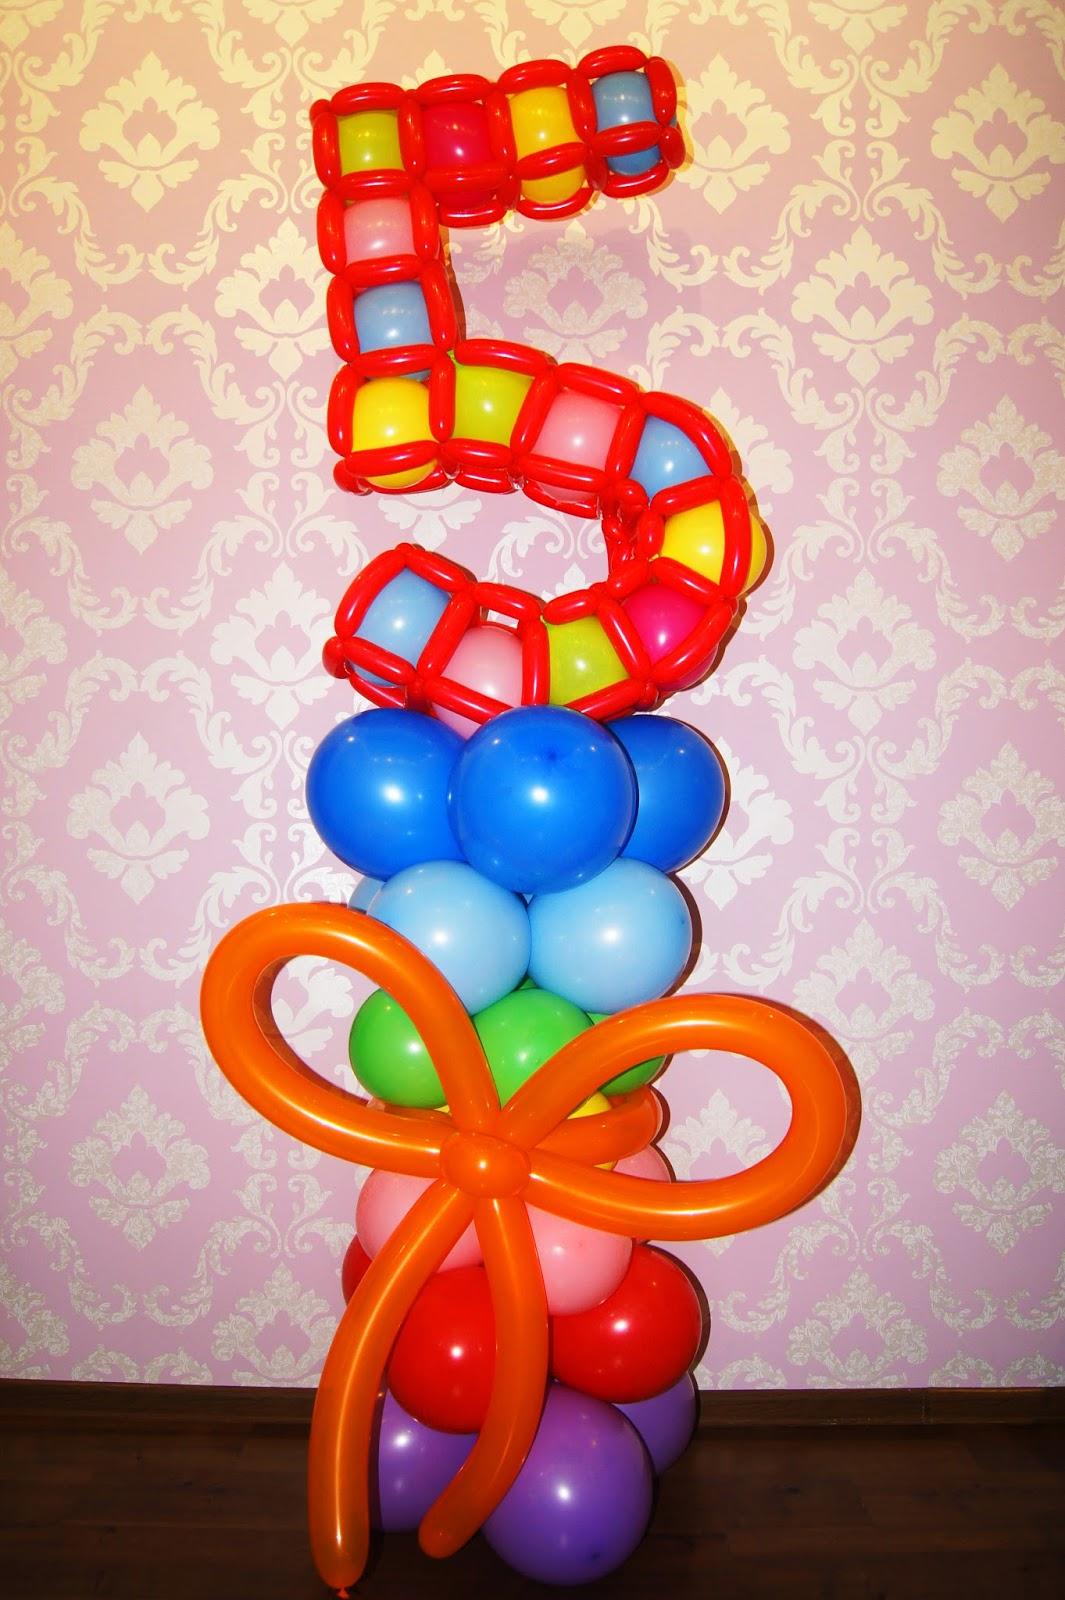 композиция цифрой из воздушных шаров на день рождения